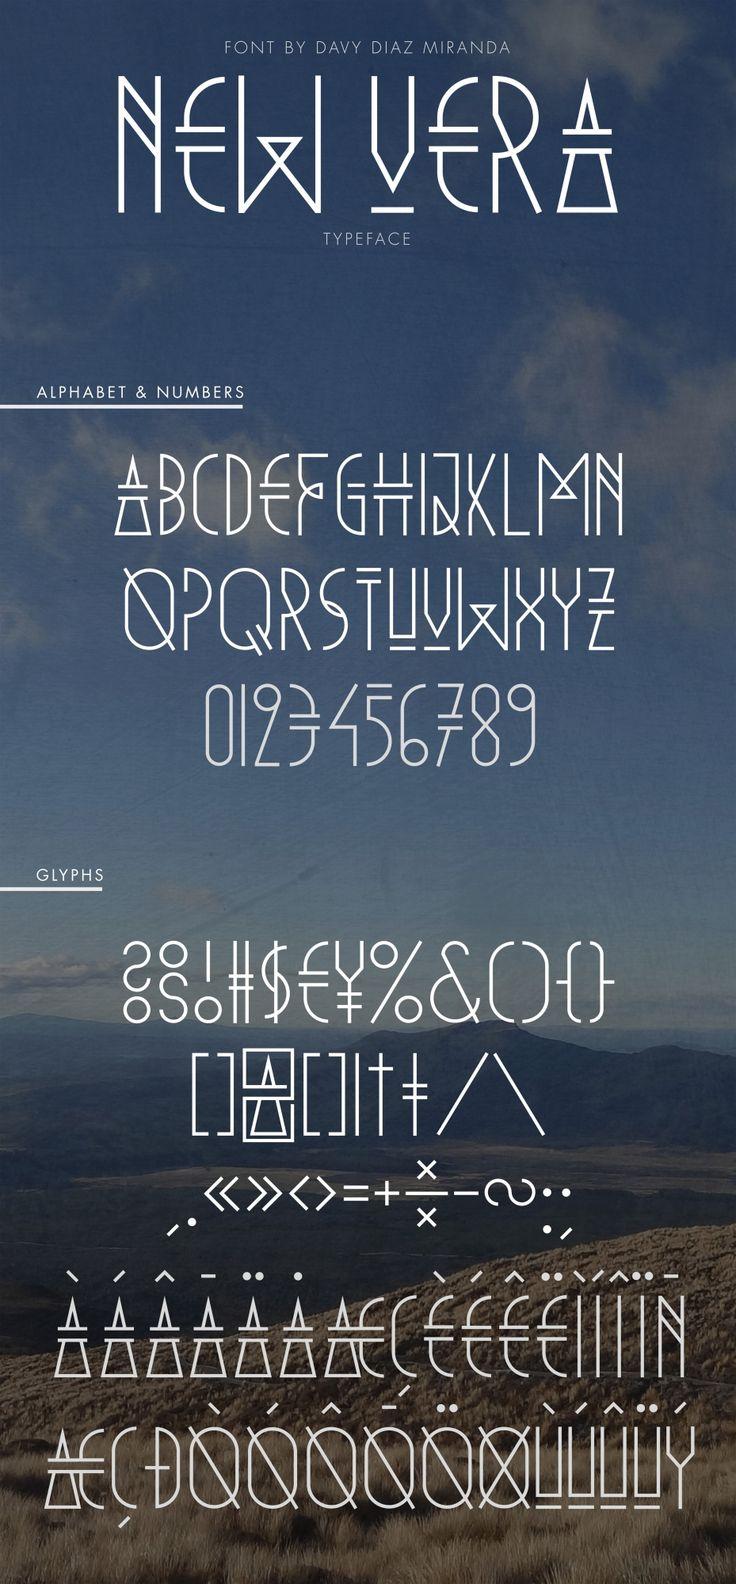 New Vera OpenType 811 best V Letters